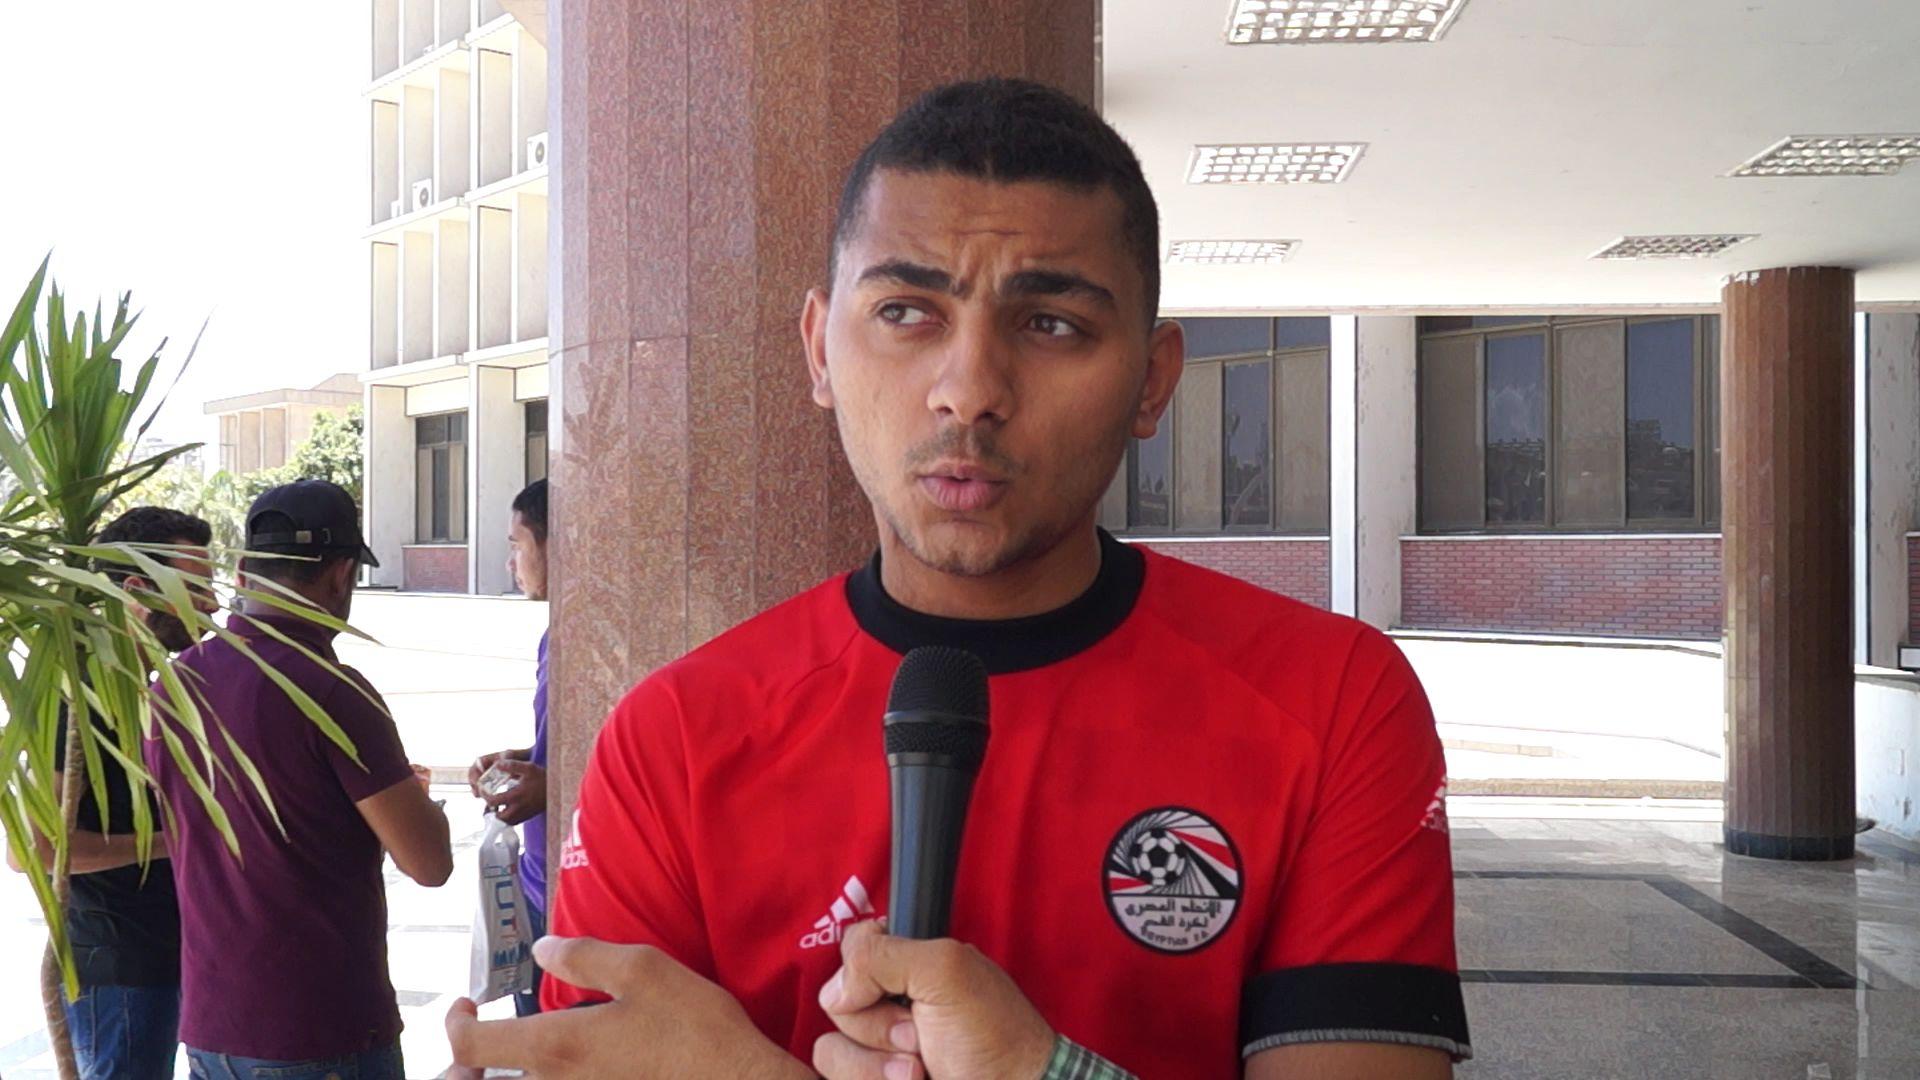 أهالي أسيوط يتوقعون فوز مصر بهدفين علي الكونغو فى كأس الأمم الأفريقية (1)